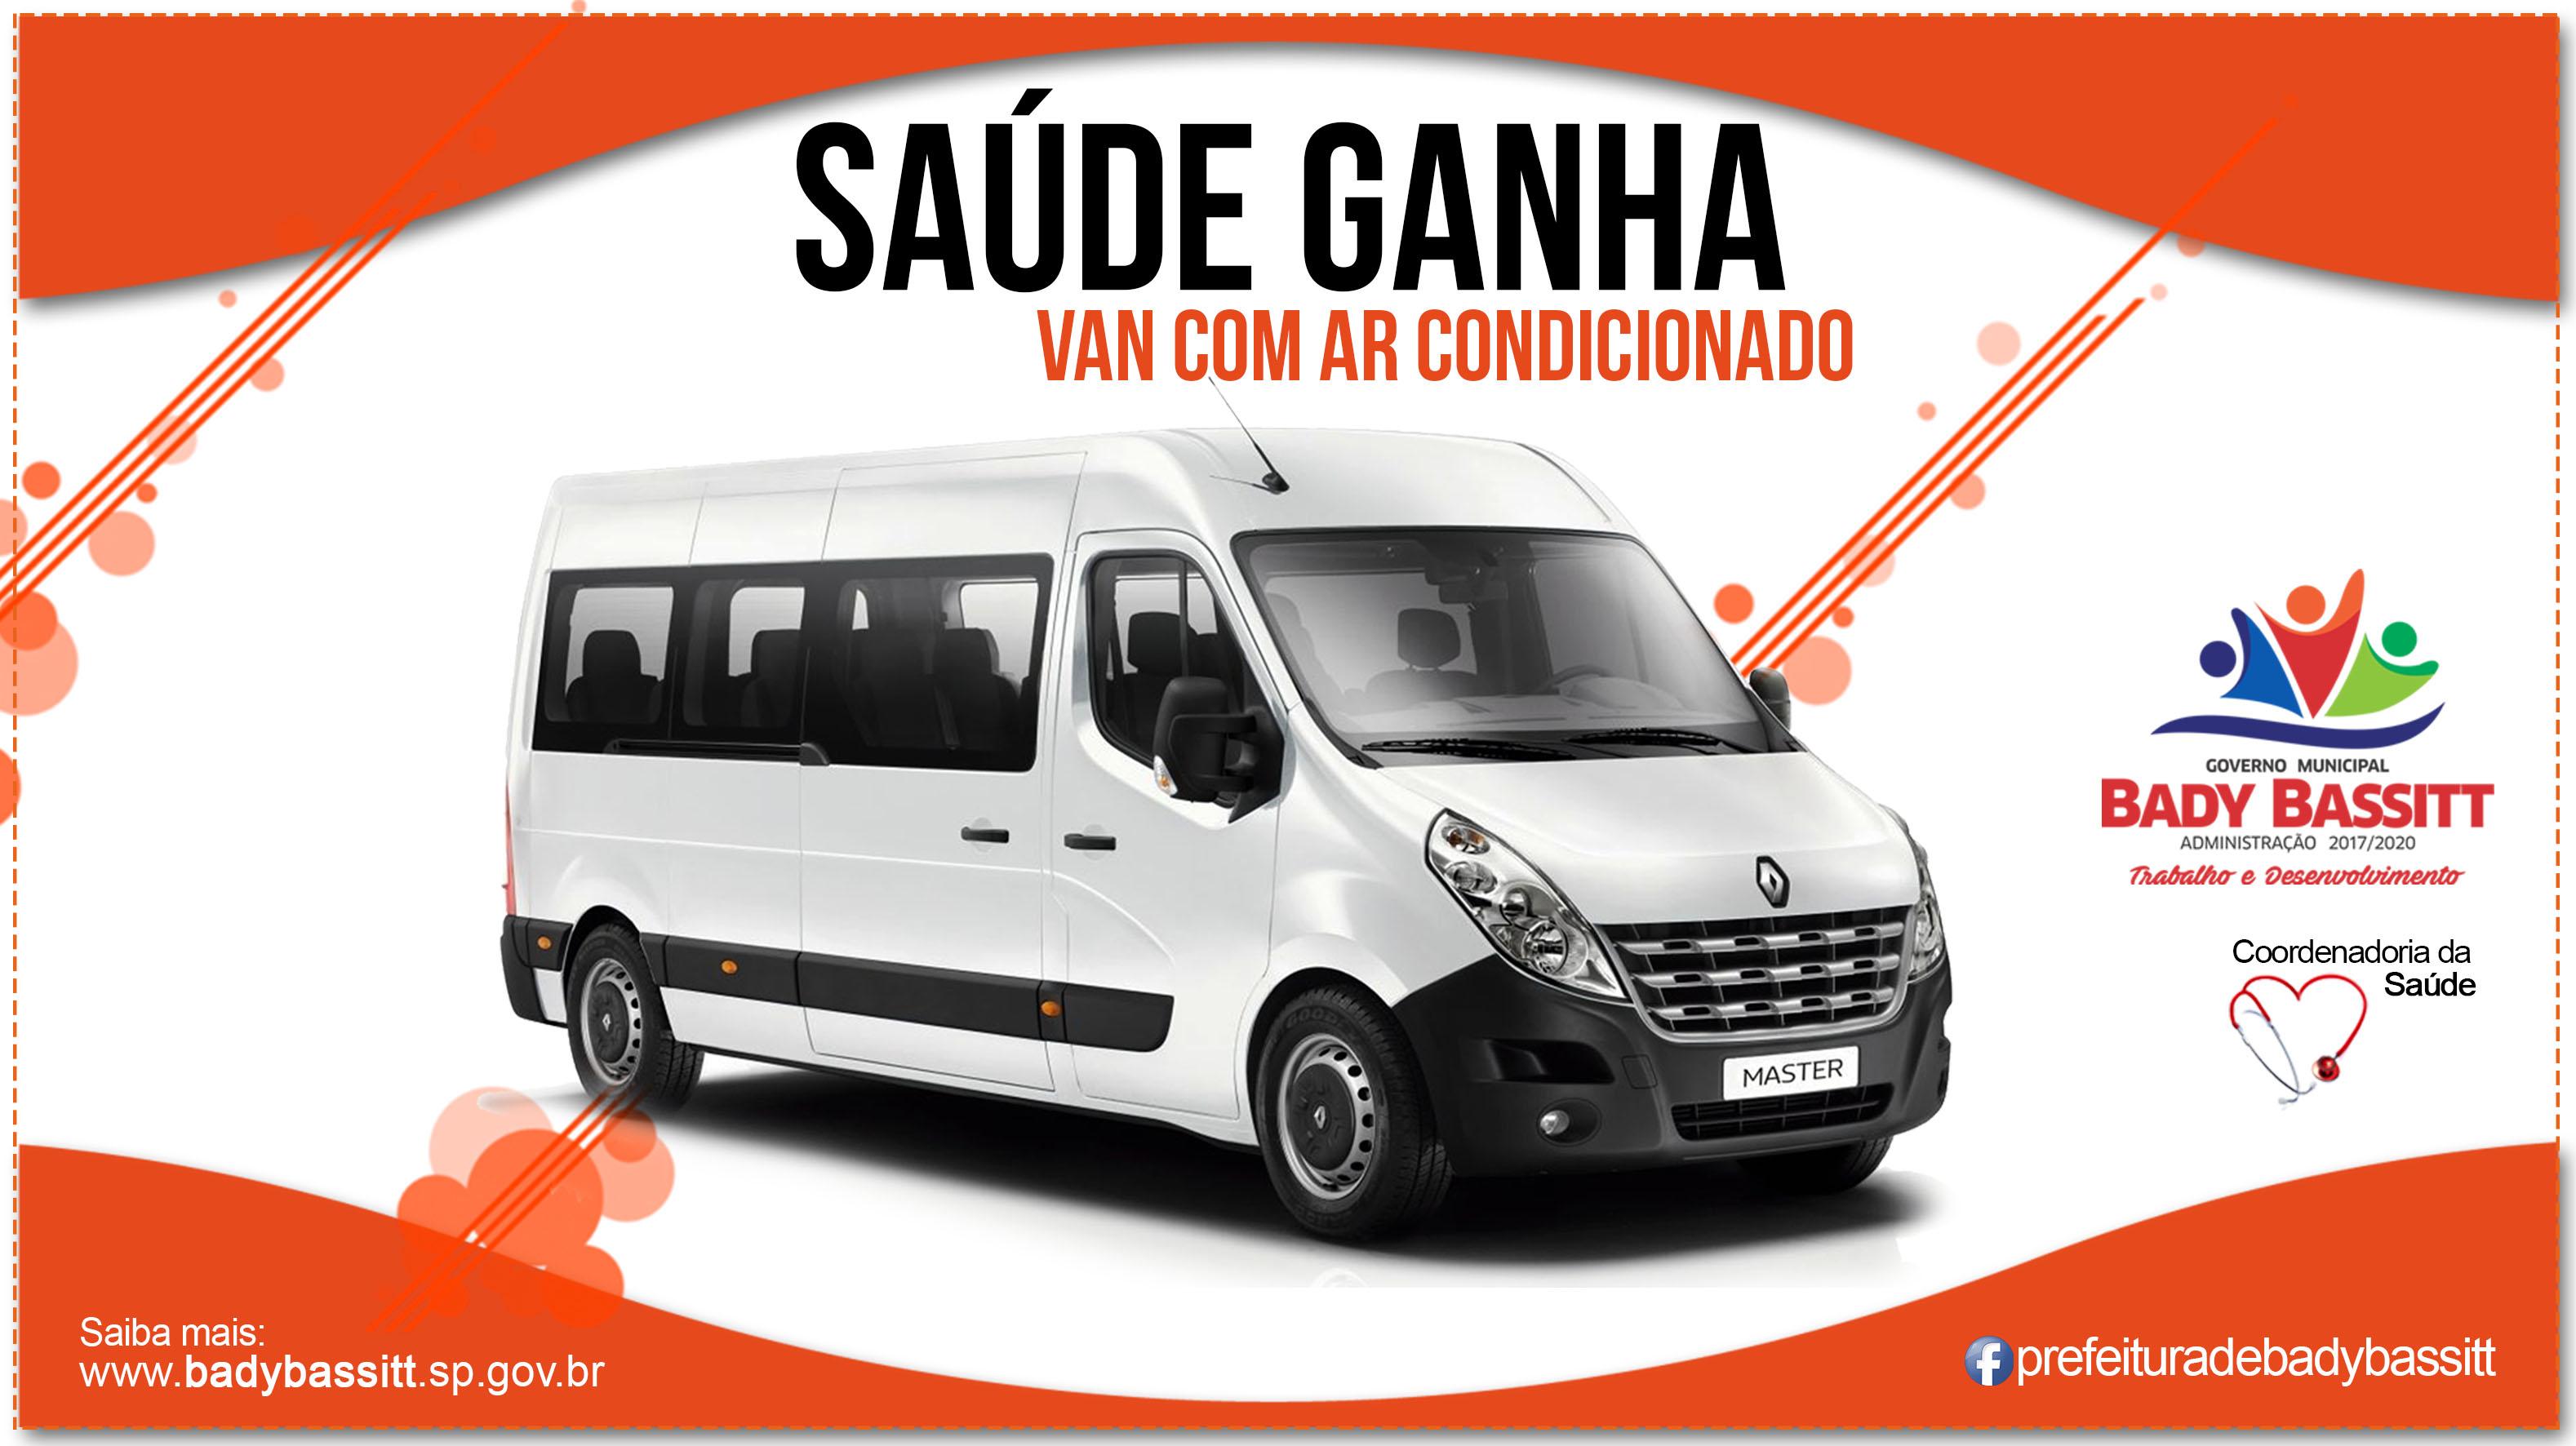 Saúde de Bady Bassitt ganha Van para transporte de pacientes